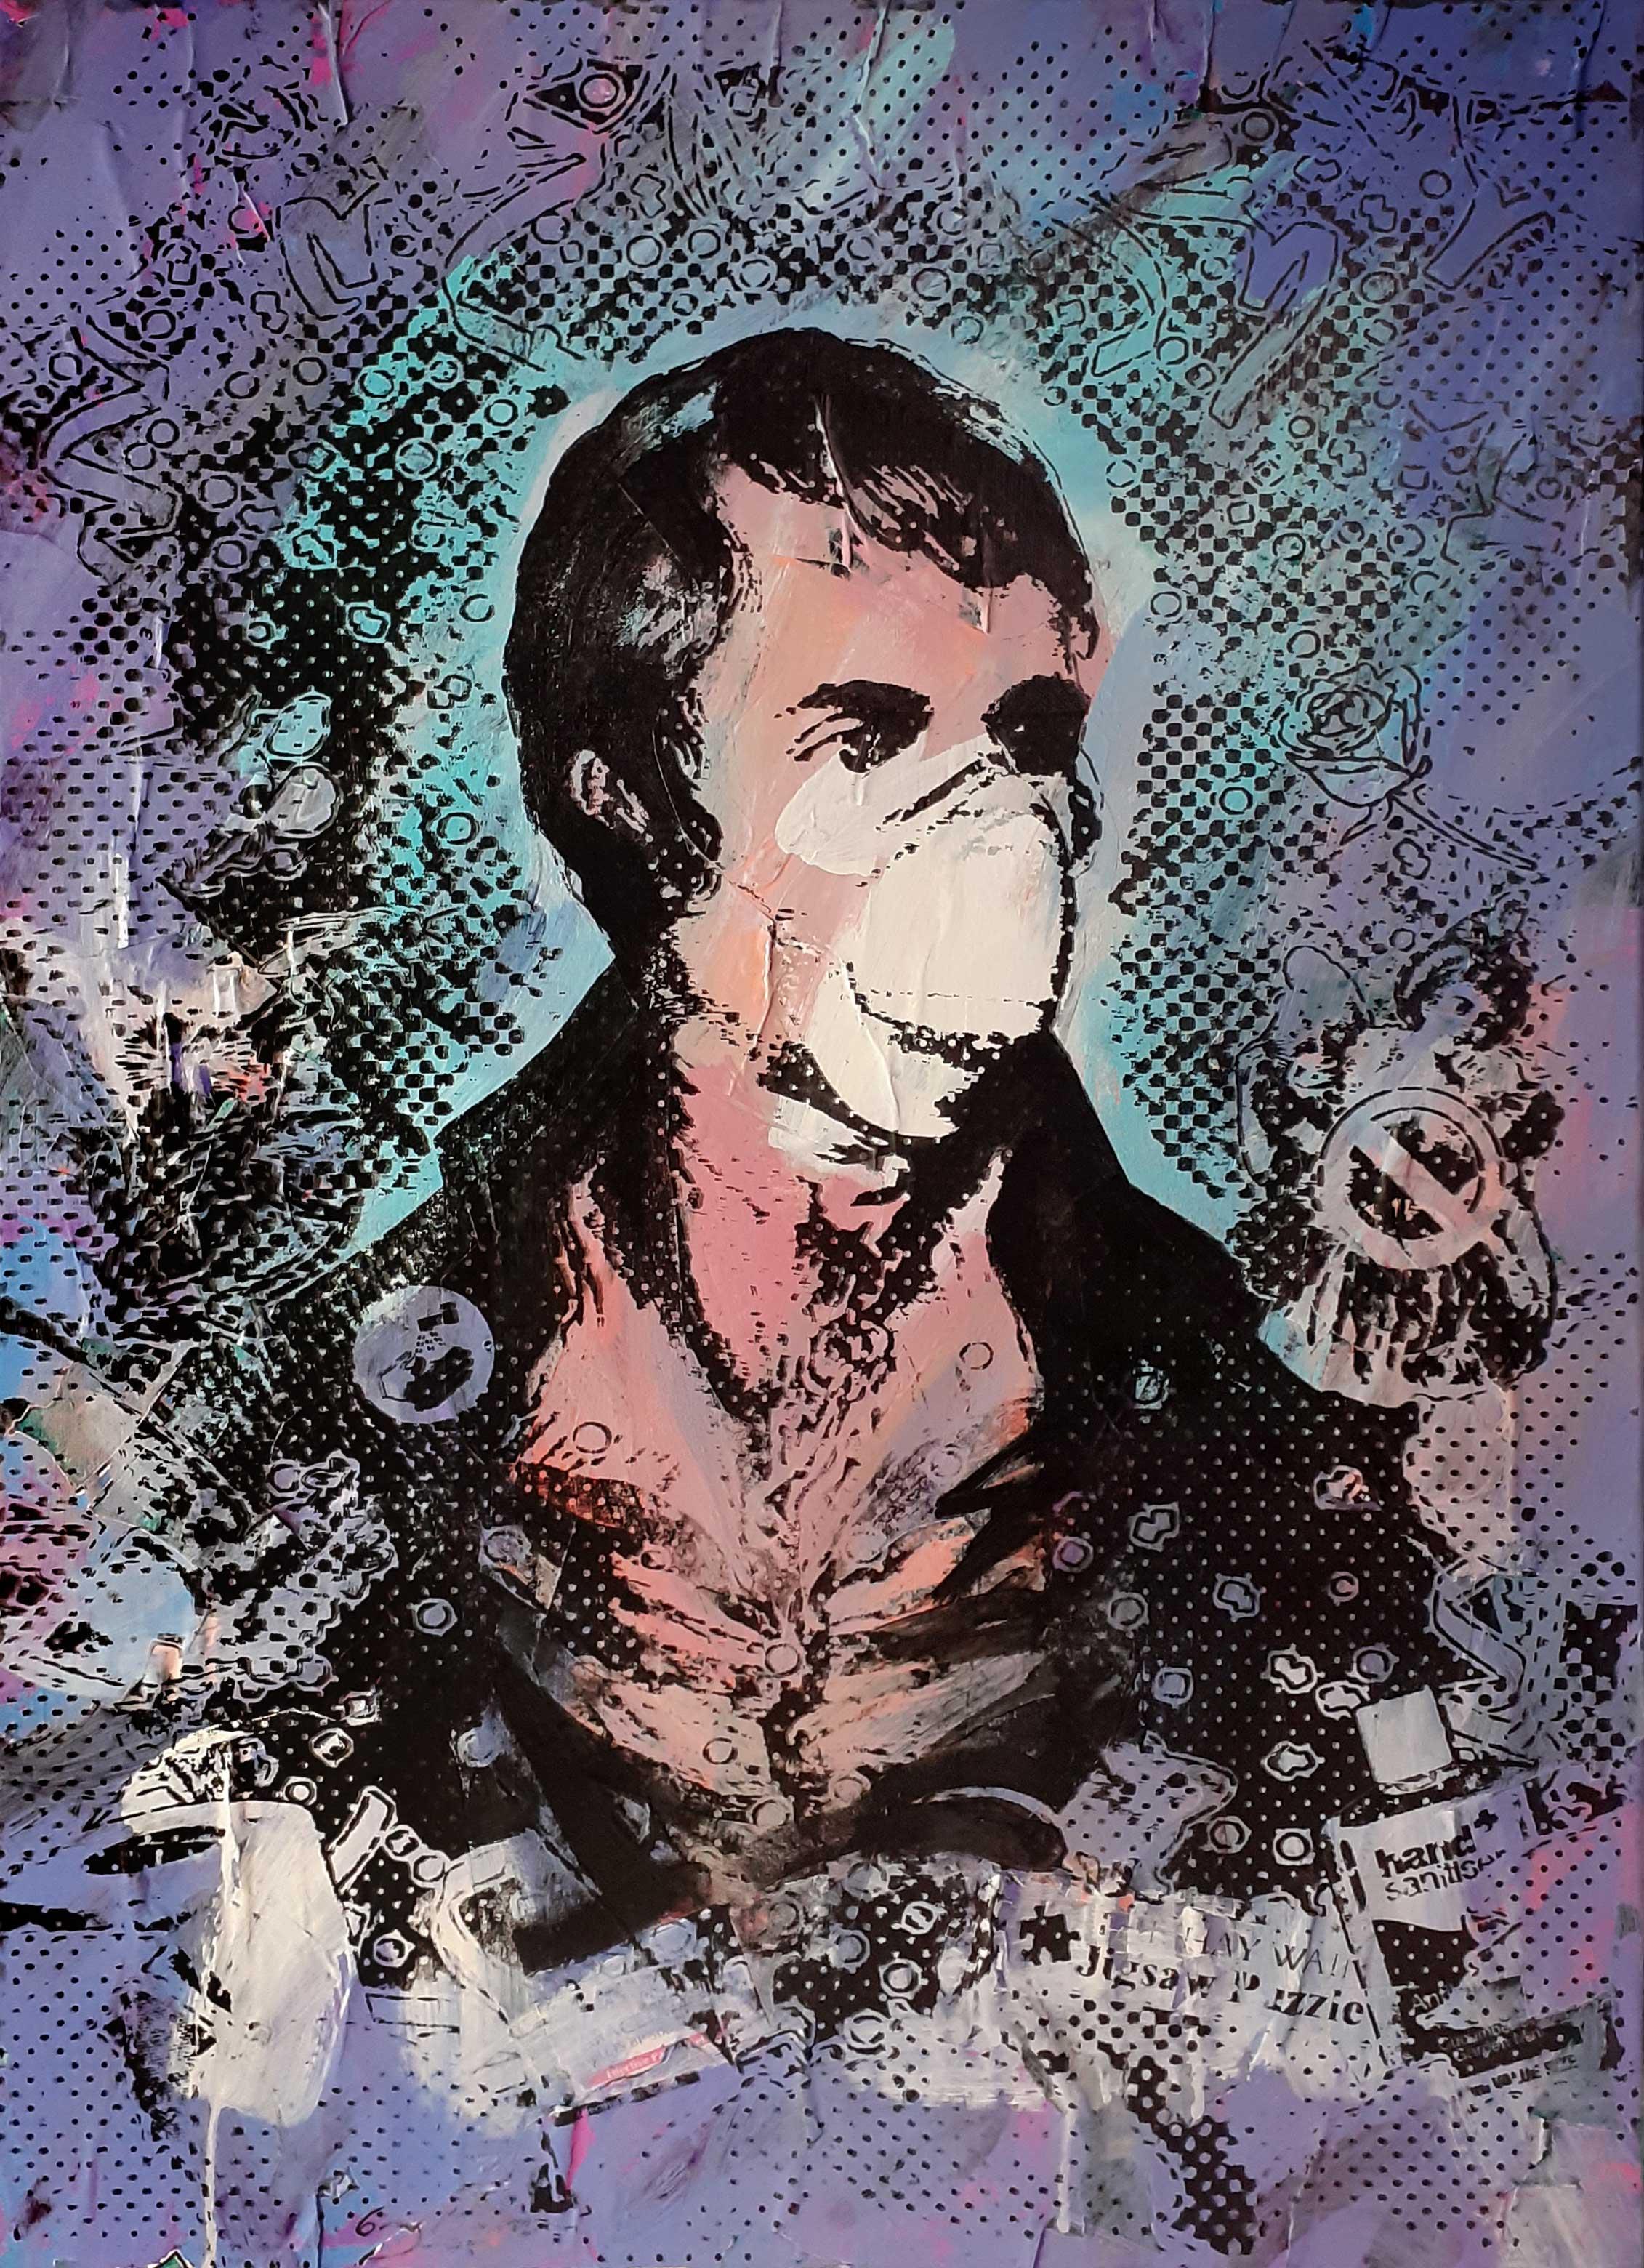 Portrait of Robert Burns - Lockdown2